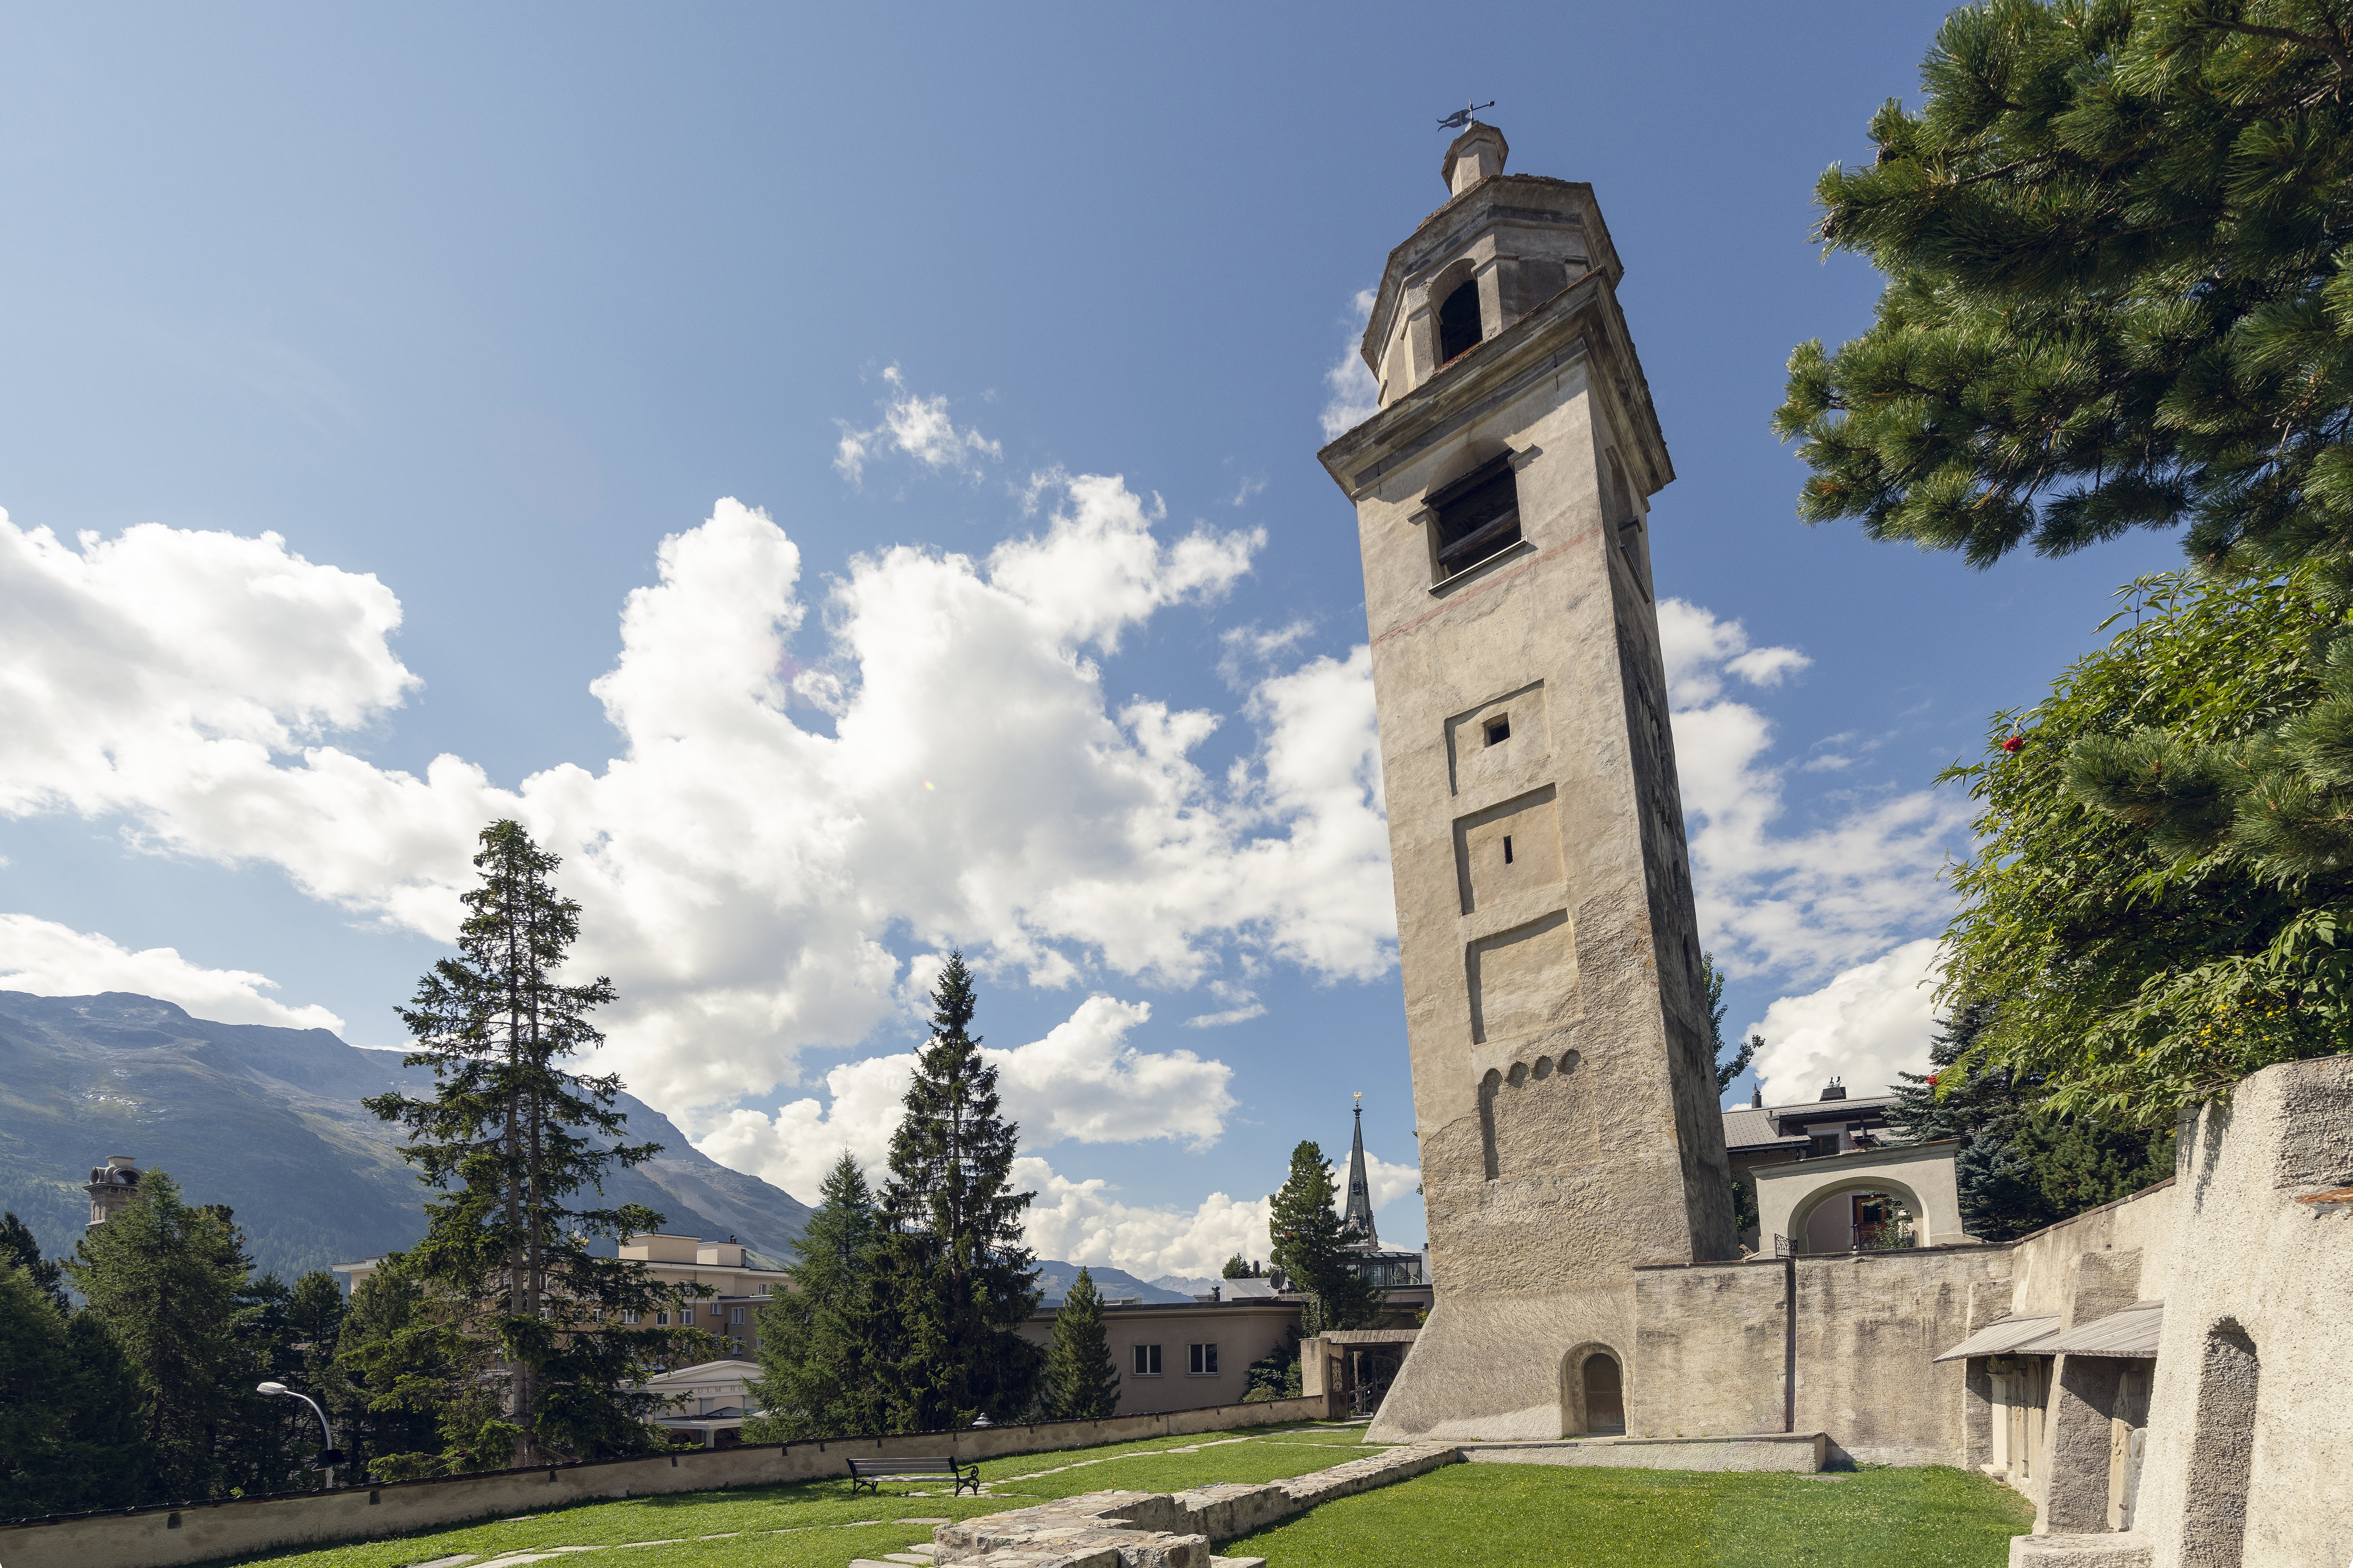 Commune St. Moritz